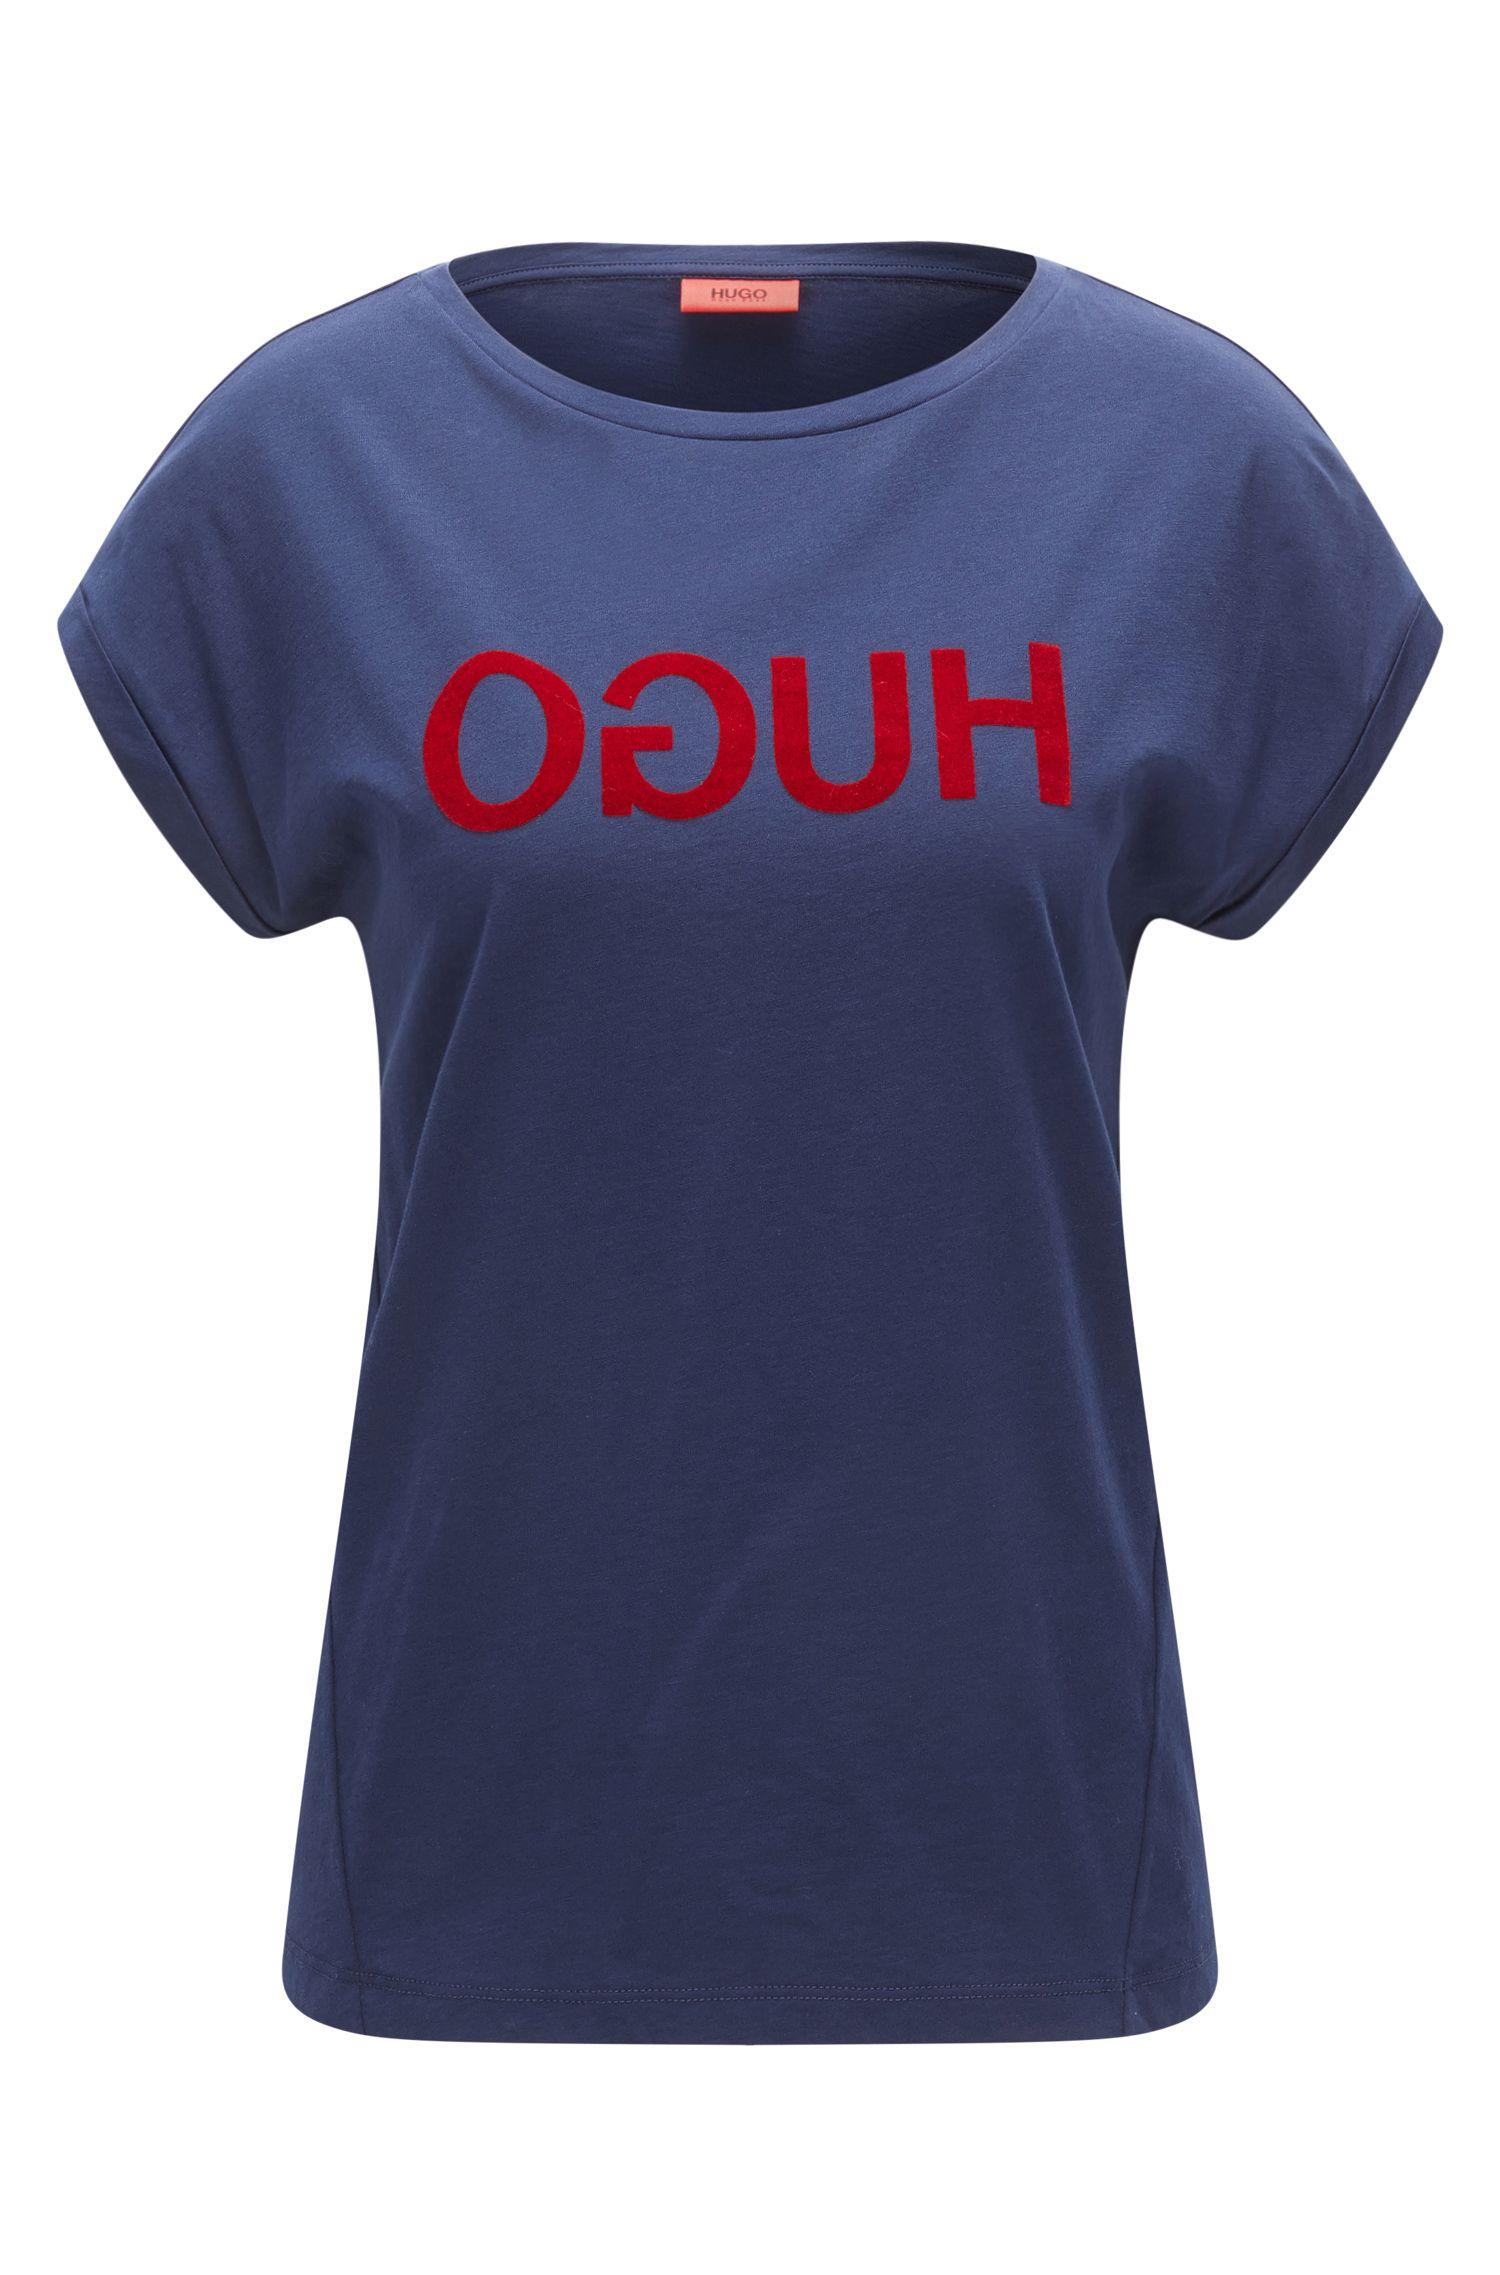 Camiseta relaxed fit en punto de algodón con logo invertido